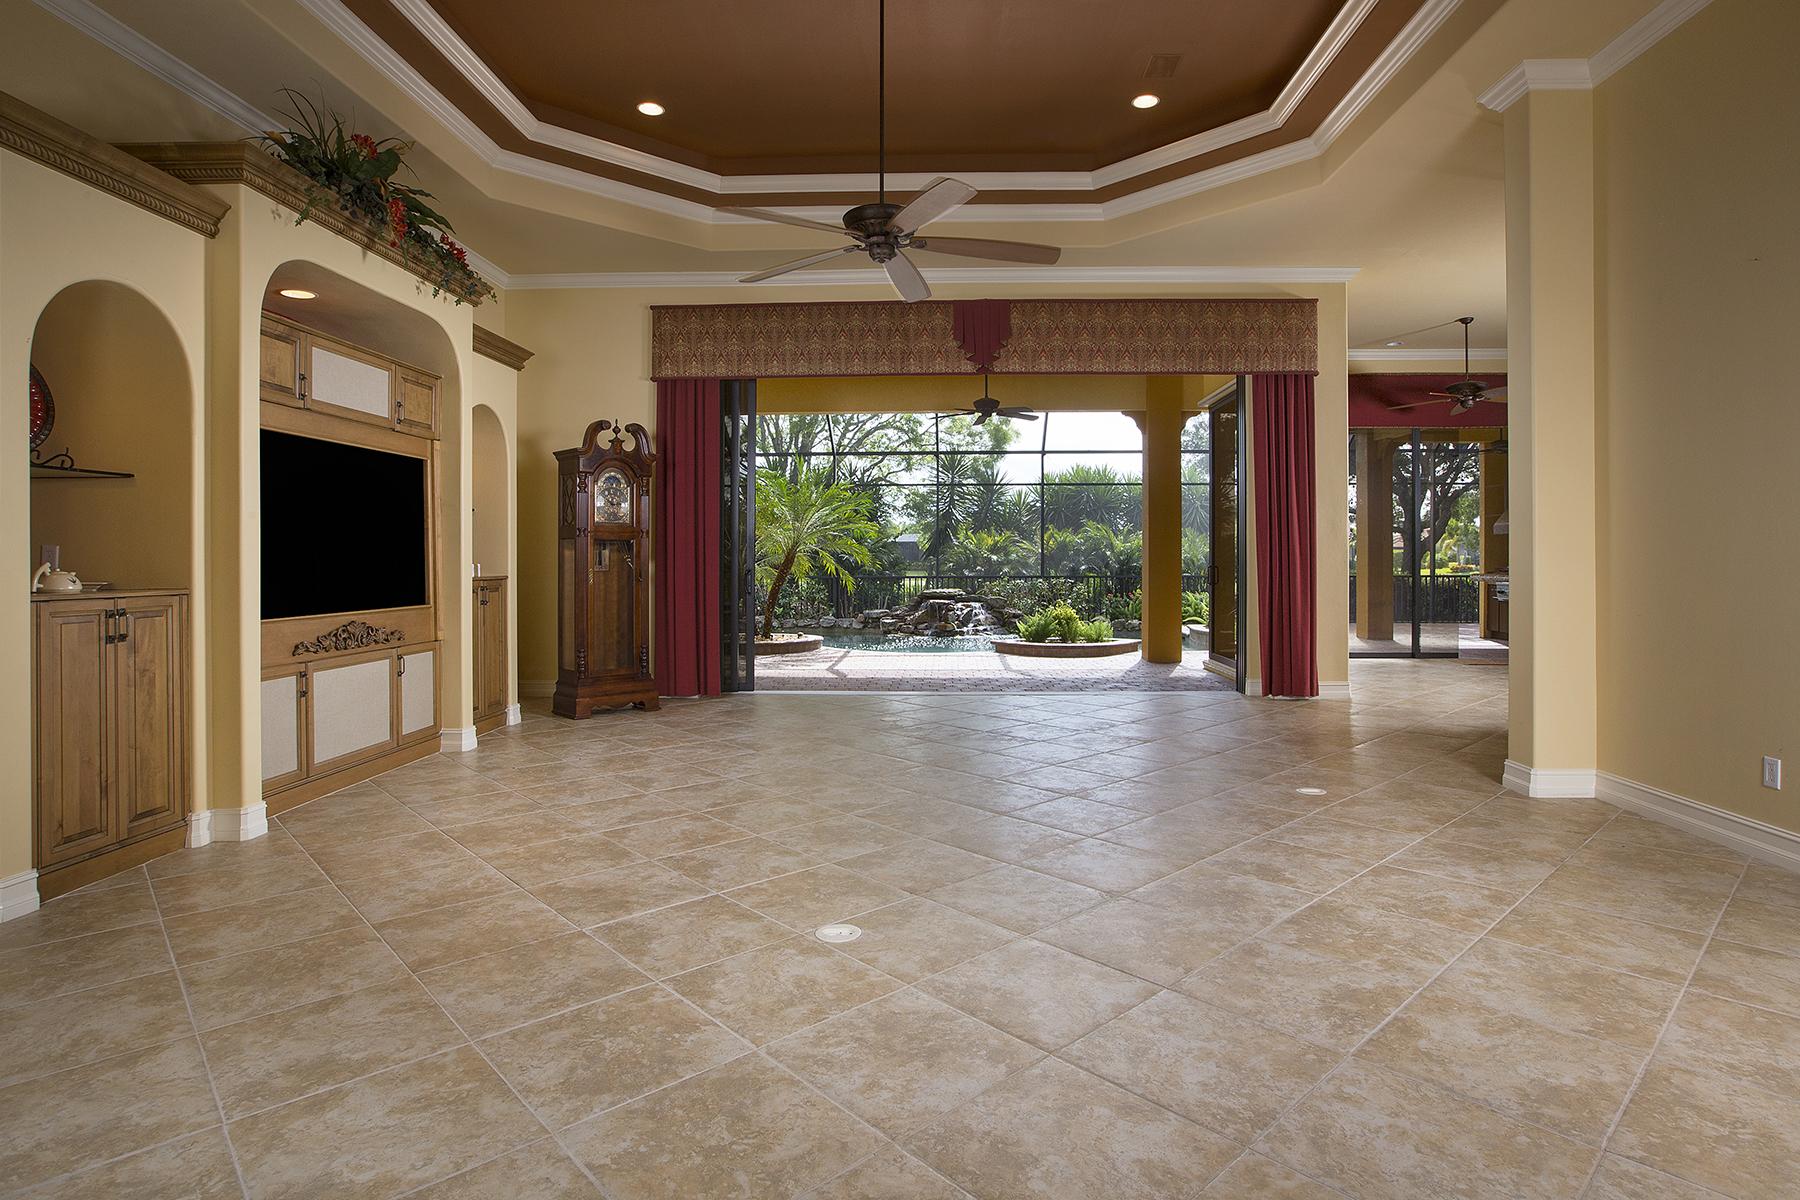 Villa per Vendita alle ore AVIETO - PALMIRA GOLF AND COUNTRY CLUB 28535 Raffini Ln Bonita Springs, Florida, 34135 Stati Uniti